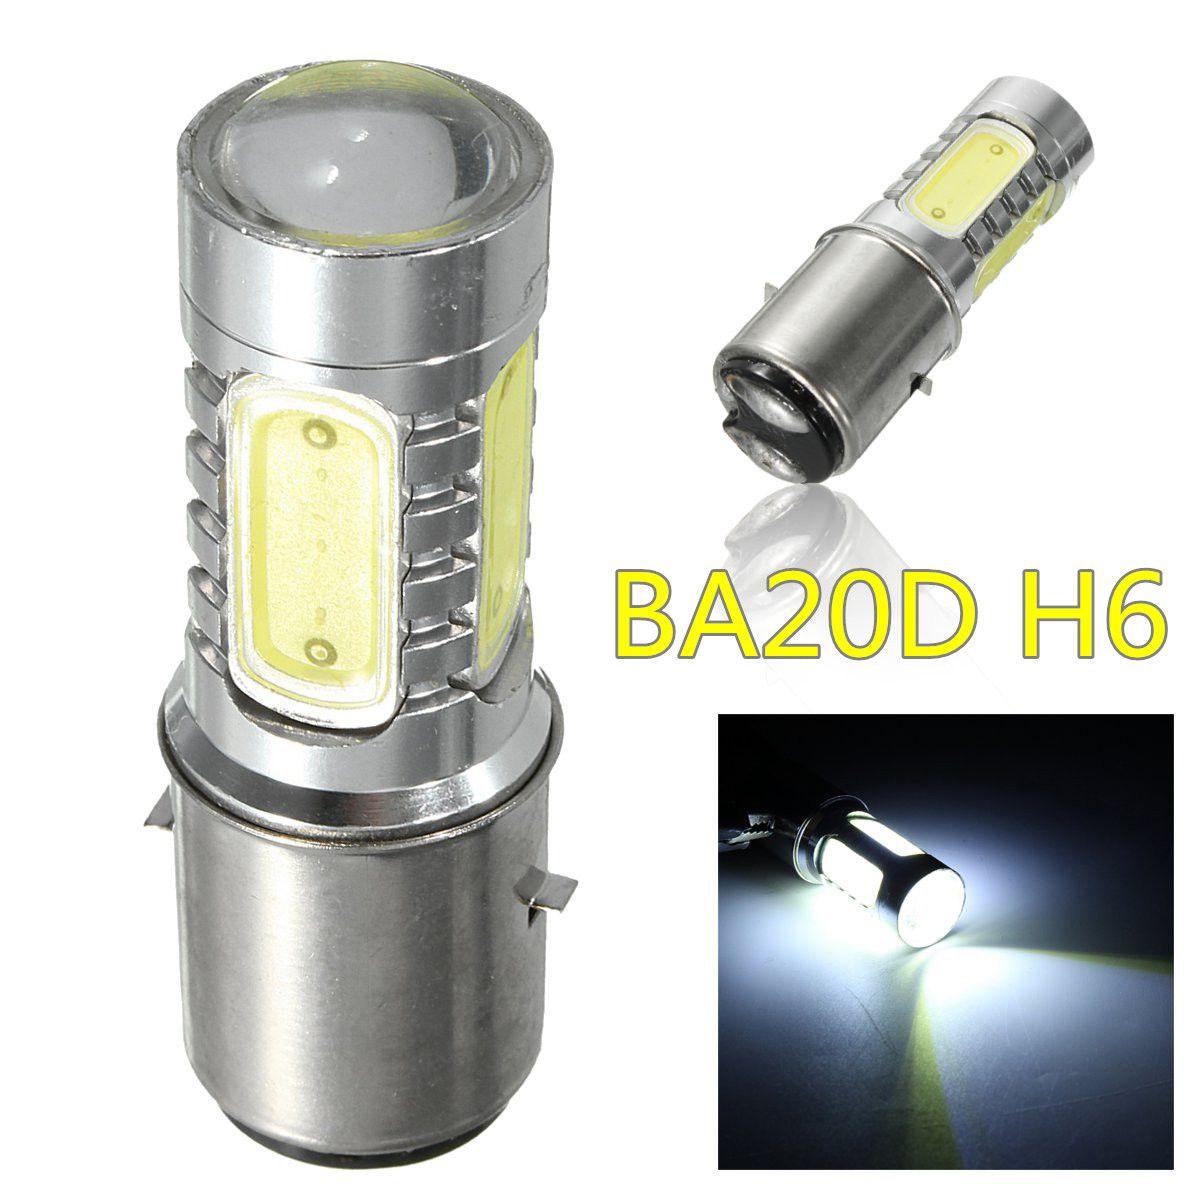 BA20D H6 Motorrad Roller COB LED Scheinwerferlampe Hallo/Lo 6000 Karat 10 Watt Motorrad Moped ATV Scheinwerfer Birne für Honda Für Suzuki